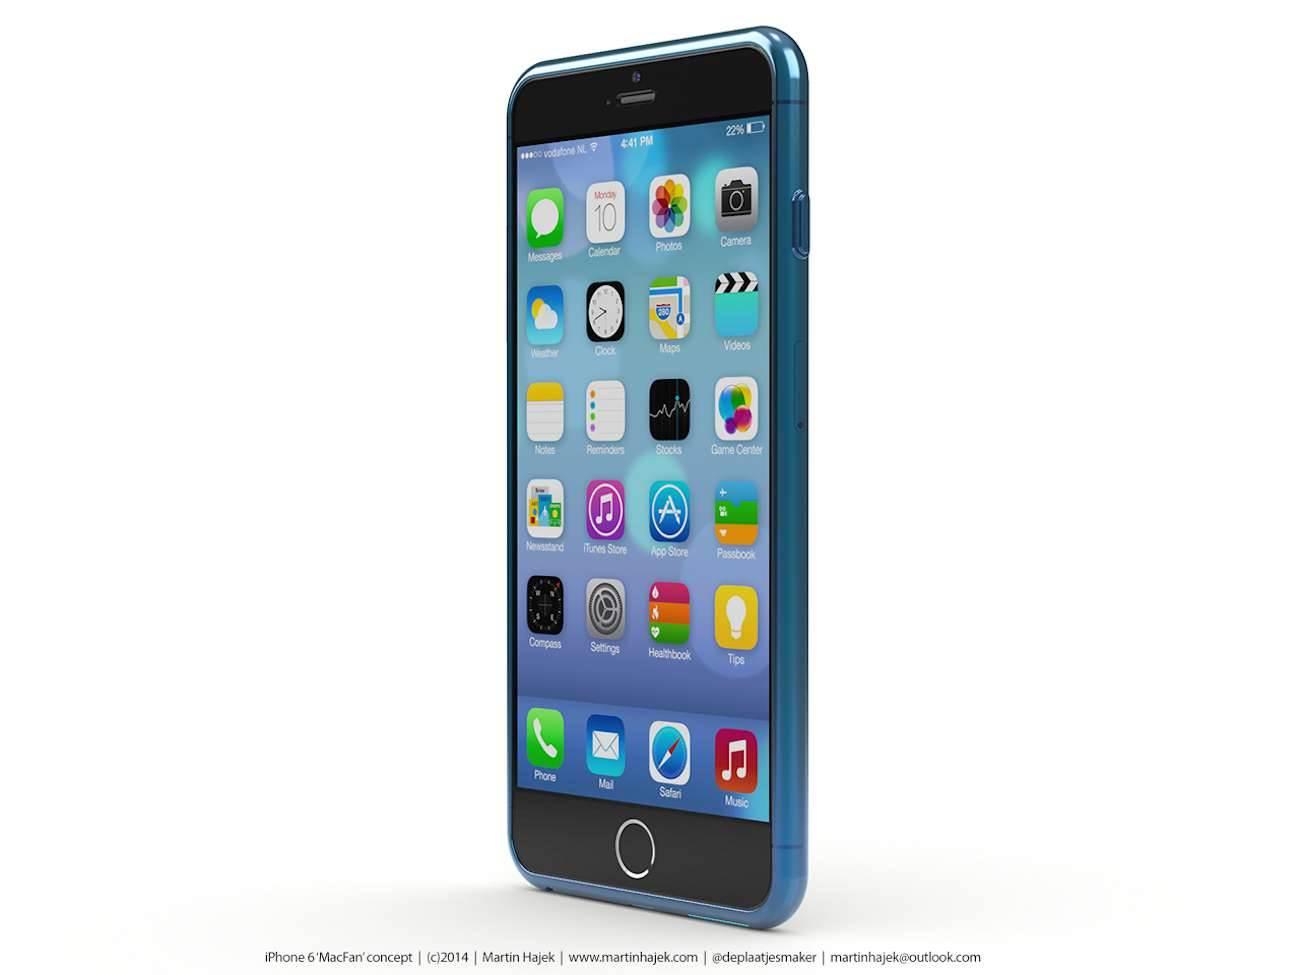 iPhone 6 i bardzo interesujący koncept Martina Hajek'a ciekawostki Zdjęcia iPhone 6, Wizja, Nowy iPhone 6, koncept, jak będzie wyglądał nowy iPhone 6, iPhone6, iPhone Air, iPhone 6, iPhone, Apple  Pamiętacie jak kilka dni temu umieściliśmy na stronie zdjęcia rzekomej obudowy nowego iPhone'a 6? iP69